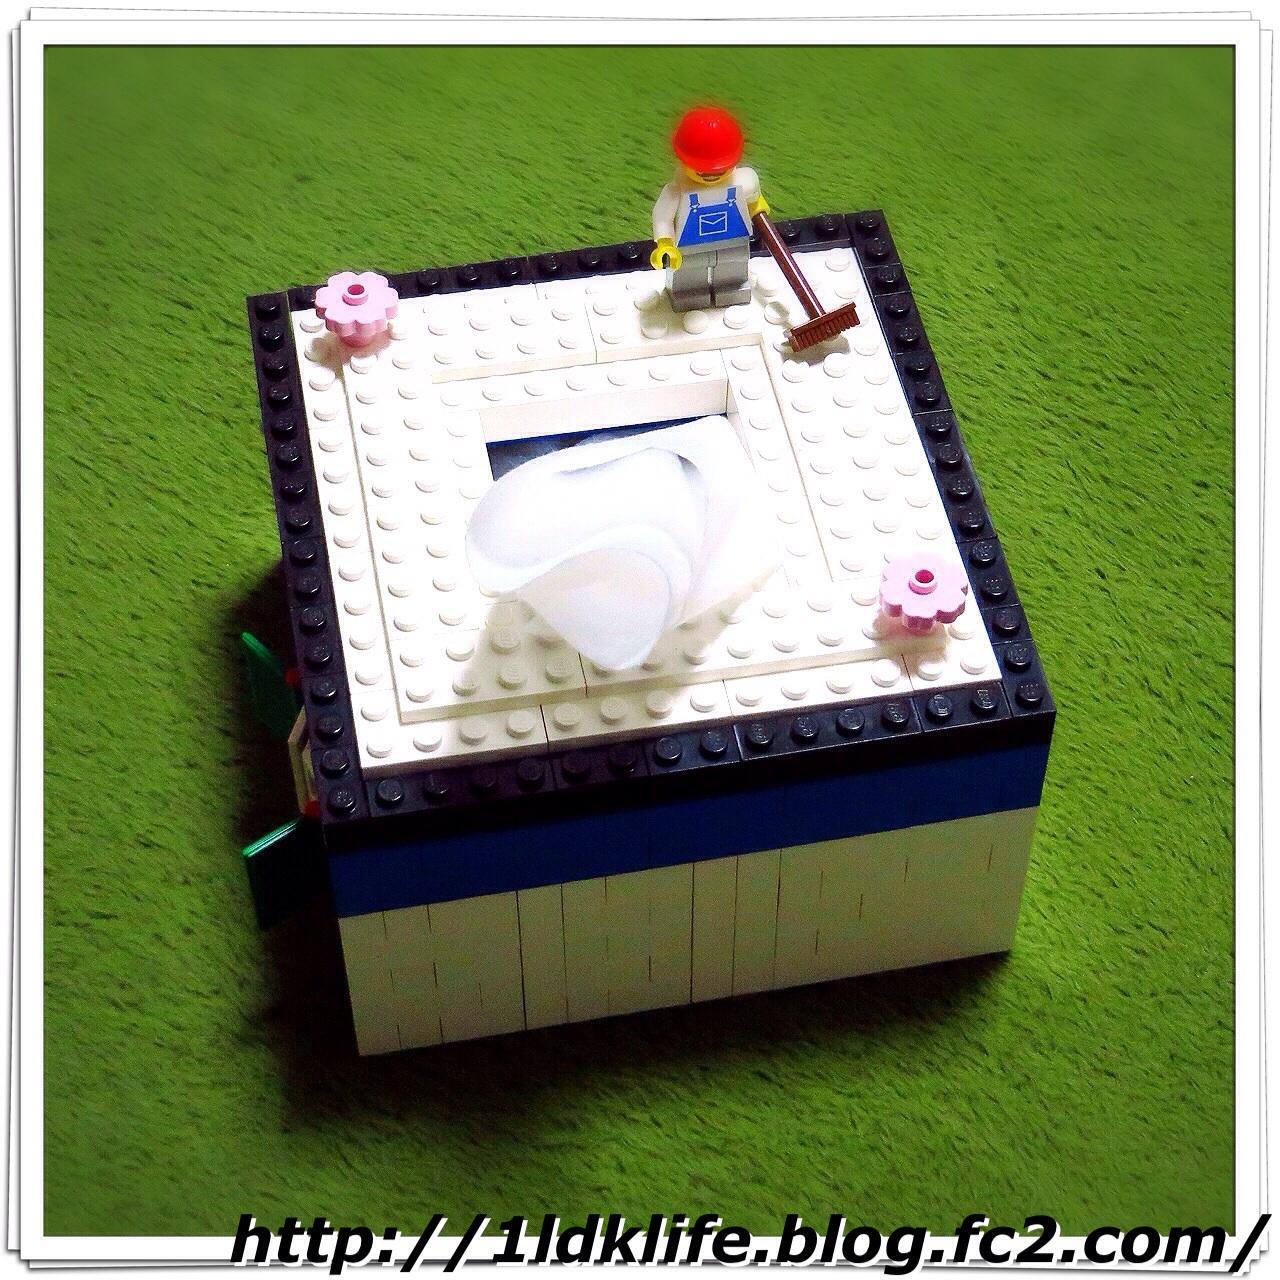 レゴでトイレットペーパーボックス。